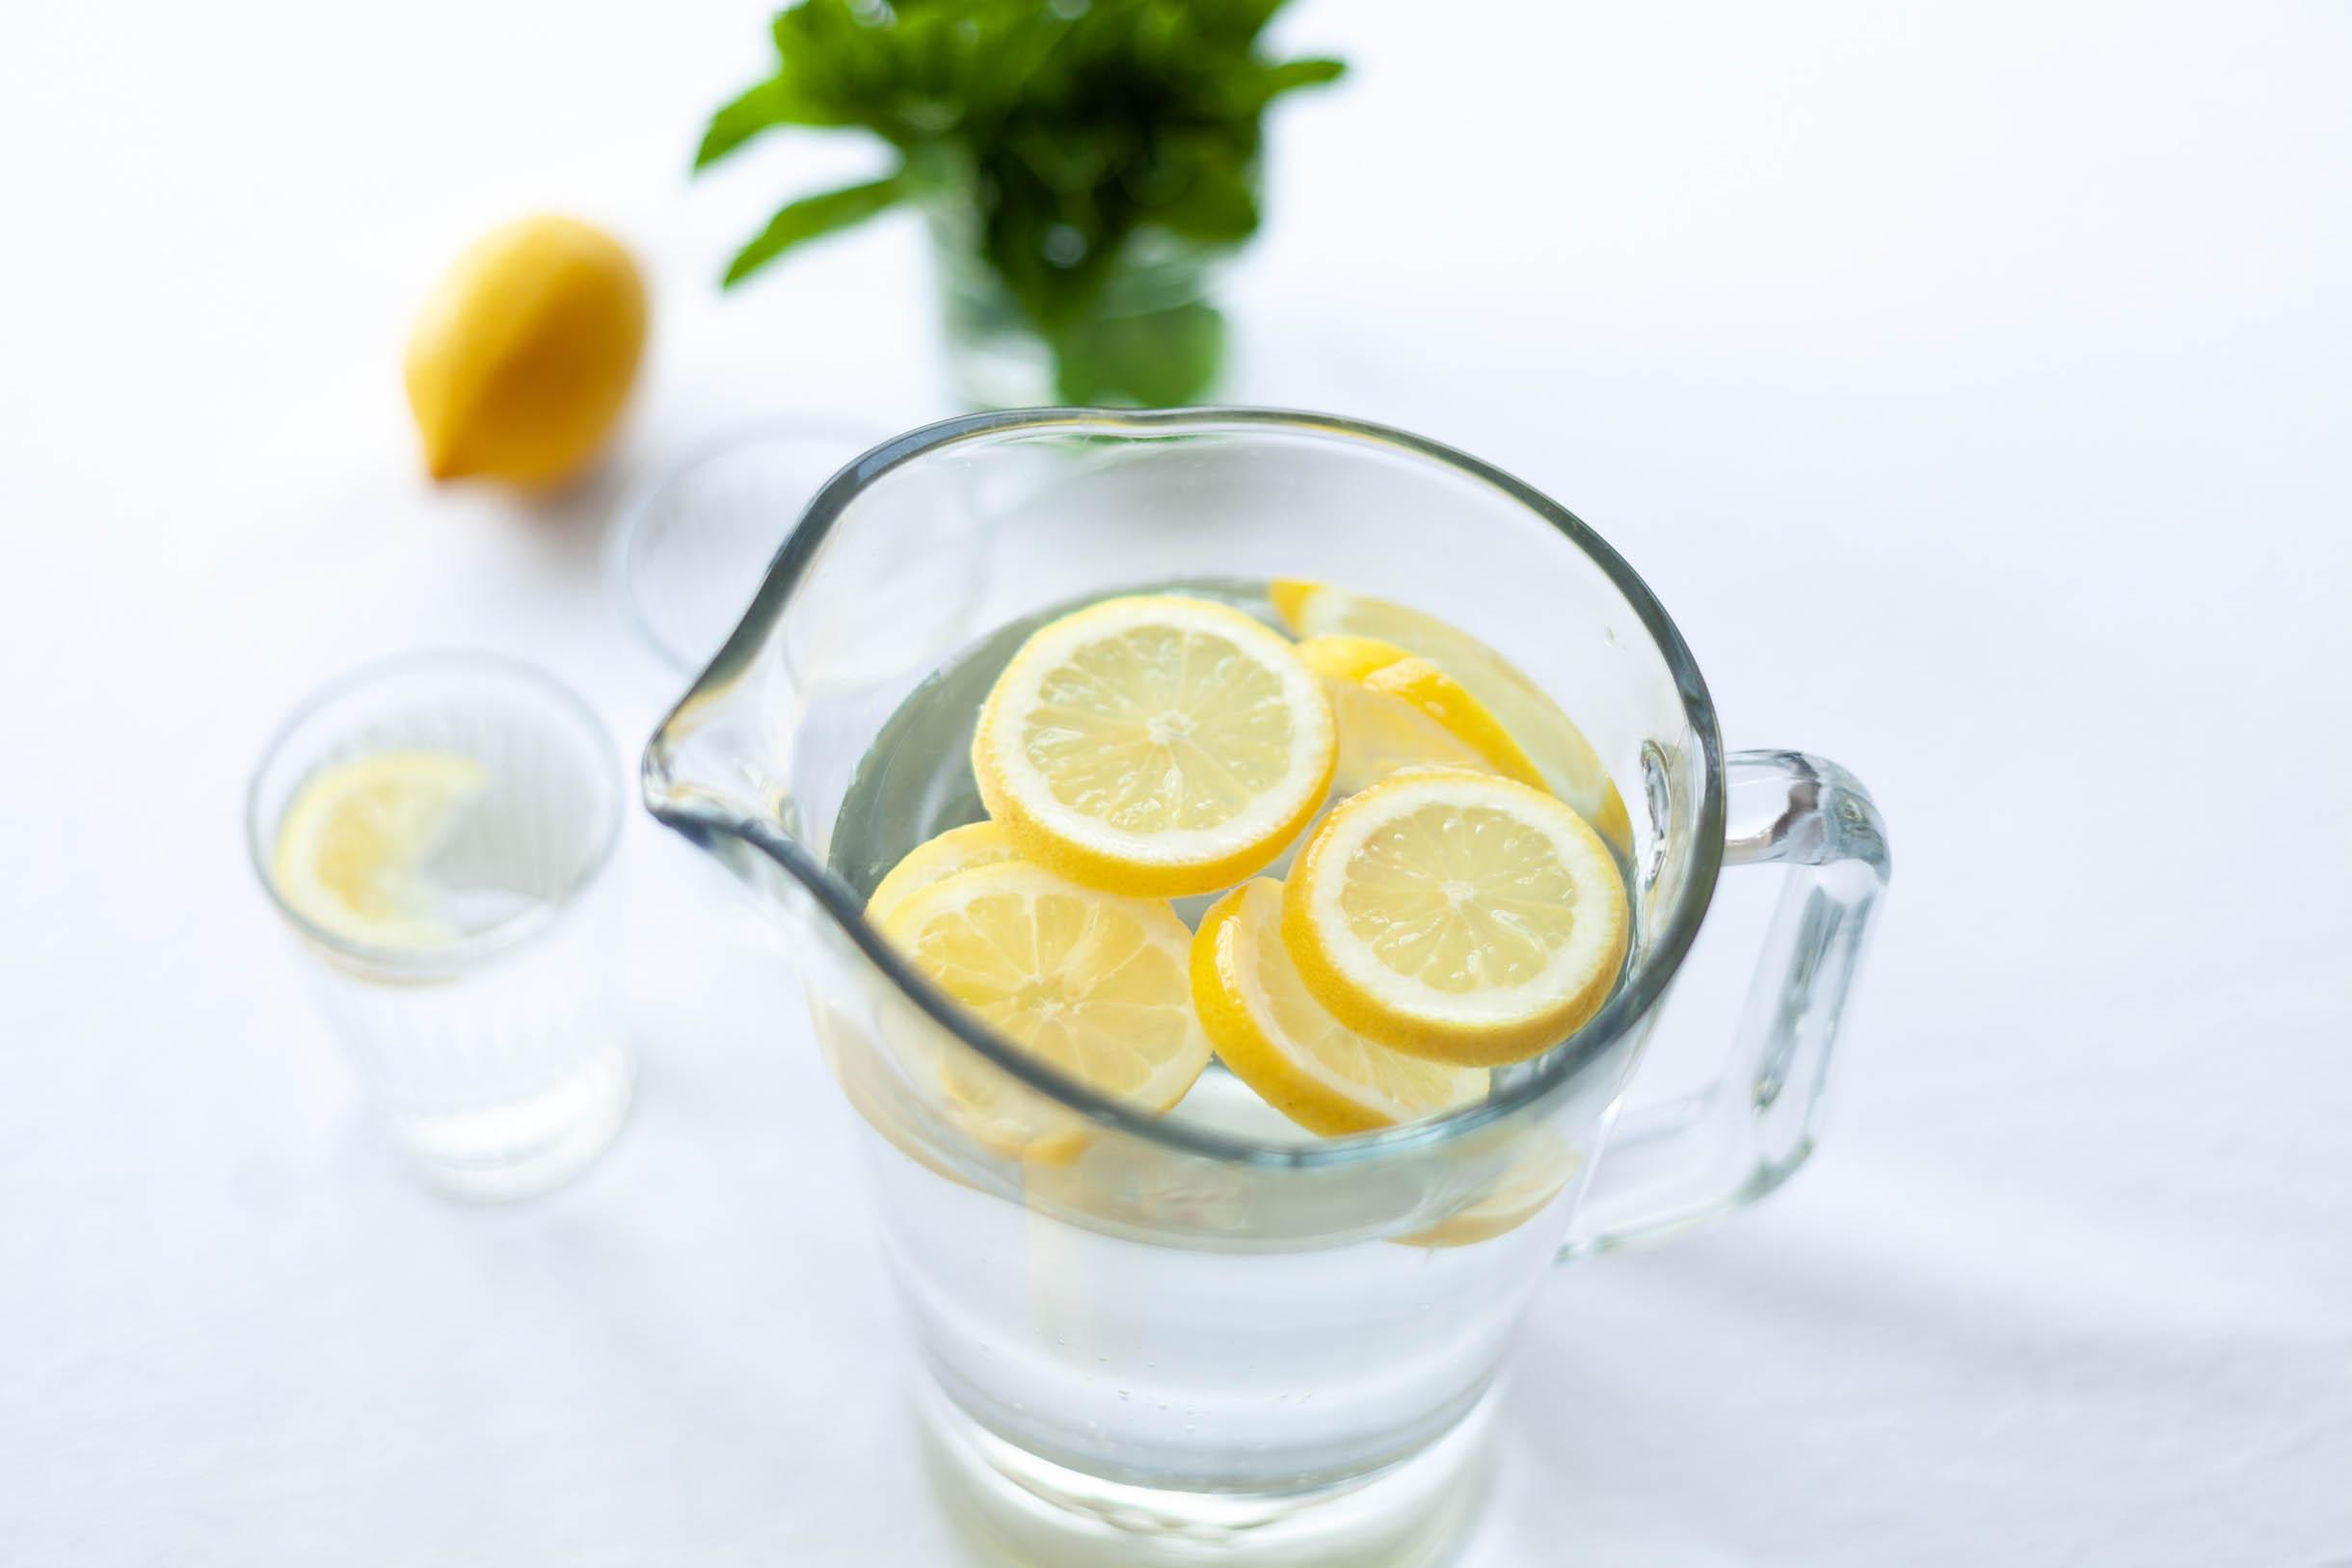 Zum selber machen: Wasser mit Zitronen und Kräuter